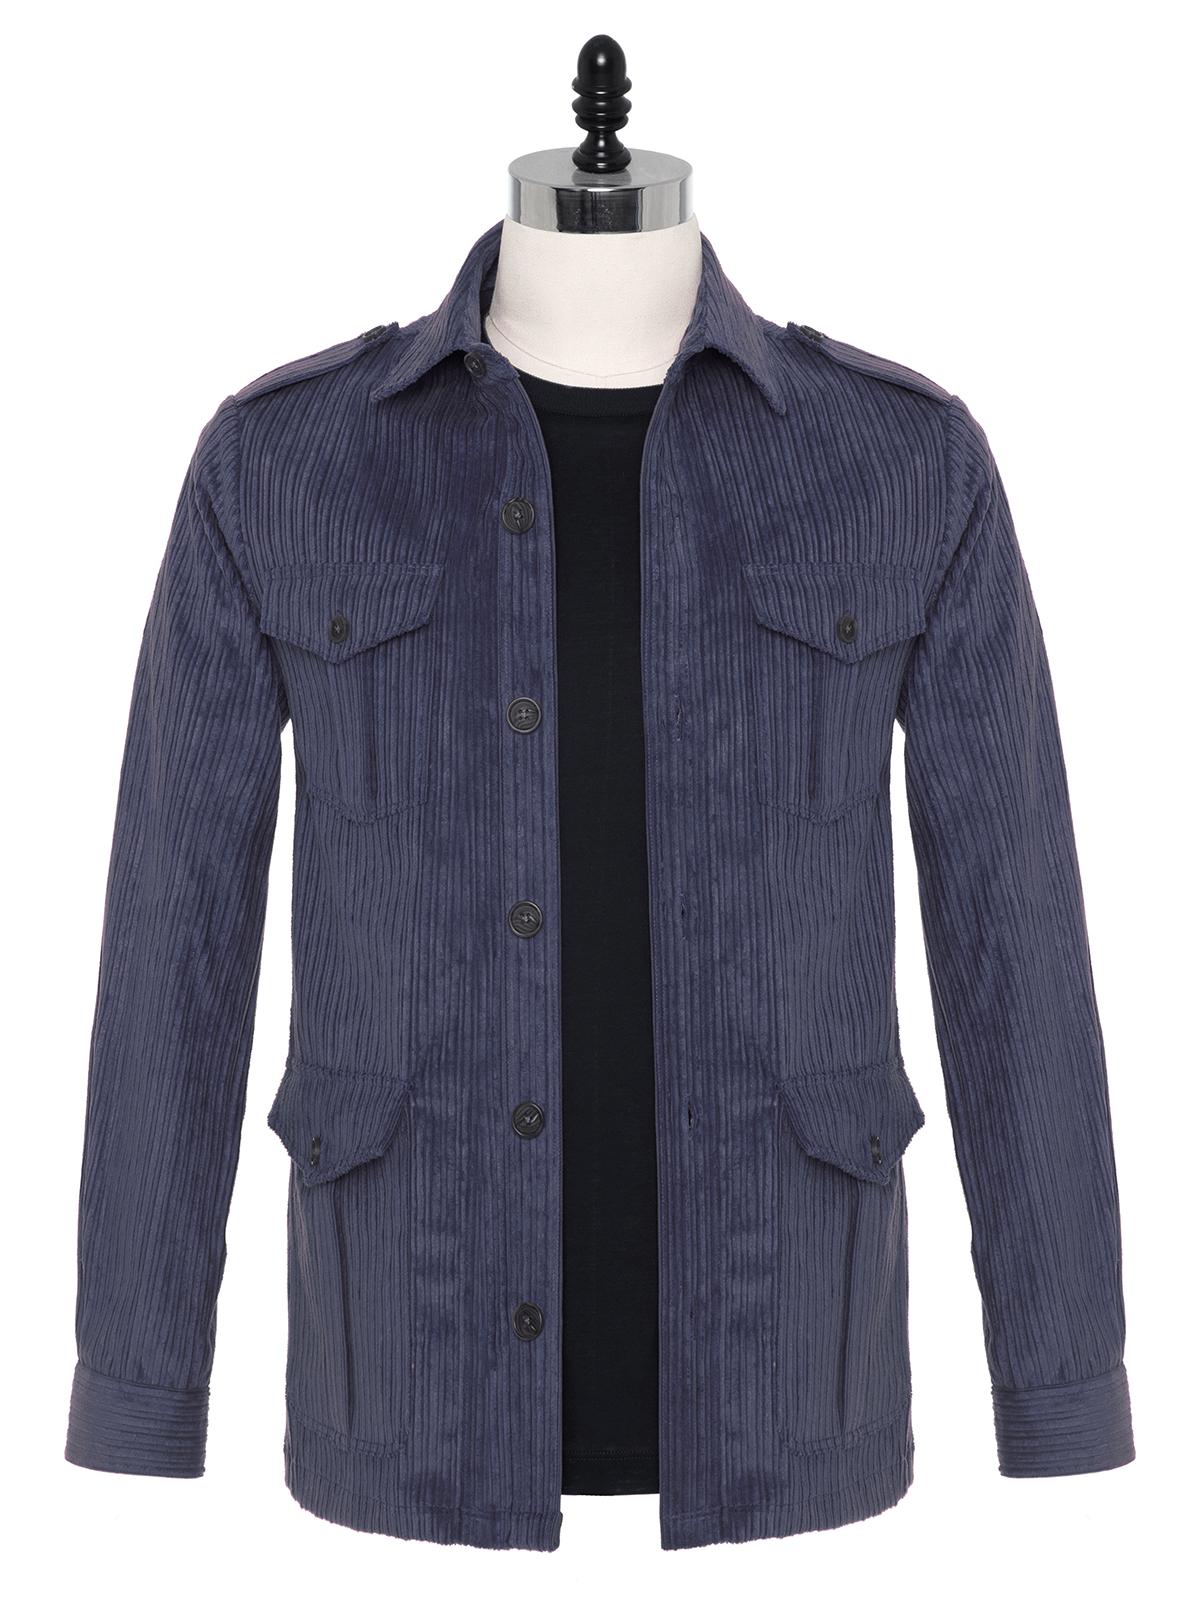 Germirli - Germirli Indigo Mavi Kalın Fitilli Tailor Fit Ceket Gömlek